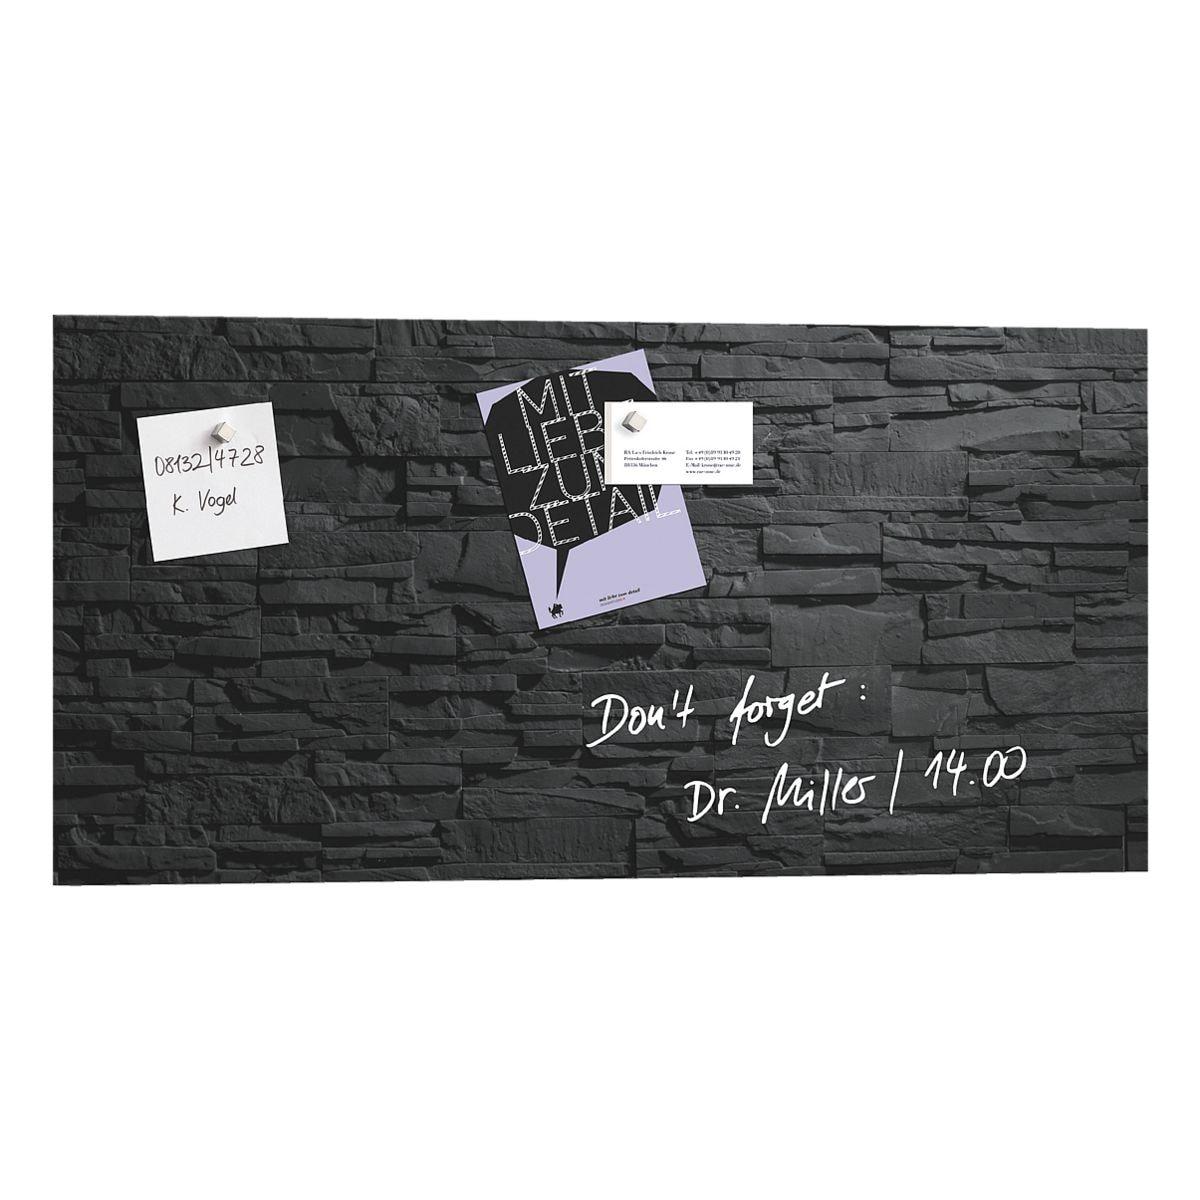 sigel glas magnettafel artverum schiefer stone 91 x 46 cm bei otto office g nstig kaufen. Black Bedroom Furniture Sets. Home Design Ideas